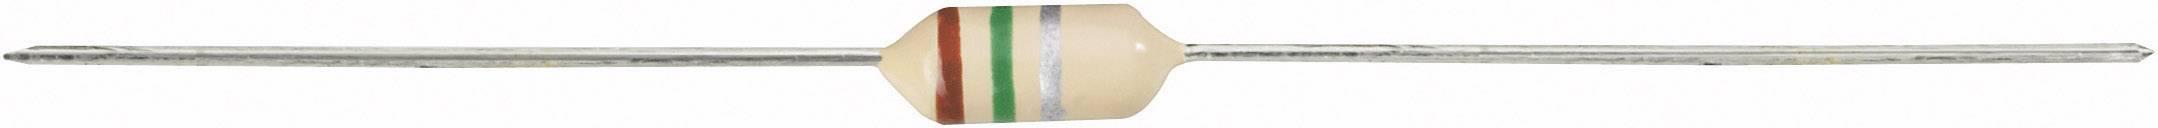 VF cívka Fastron SMCC-151J-02, 150 µH, 0,28 A, 10 %, SMCC-151, ferit